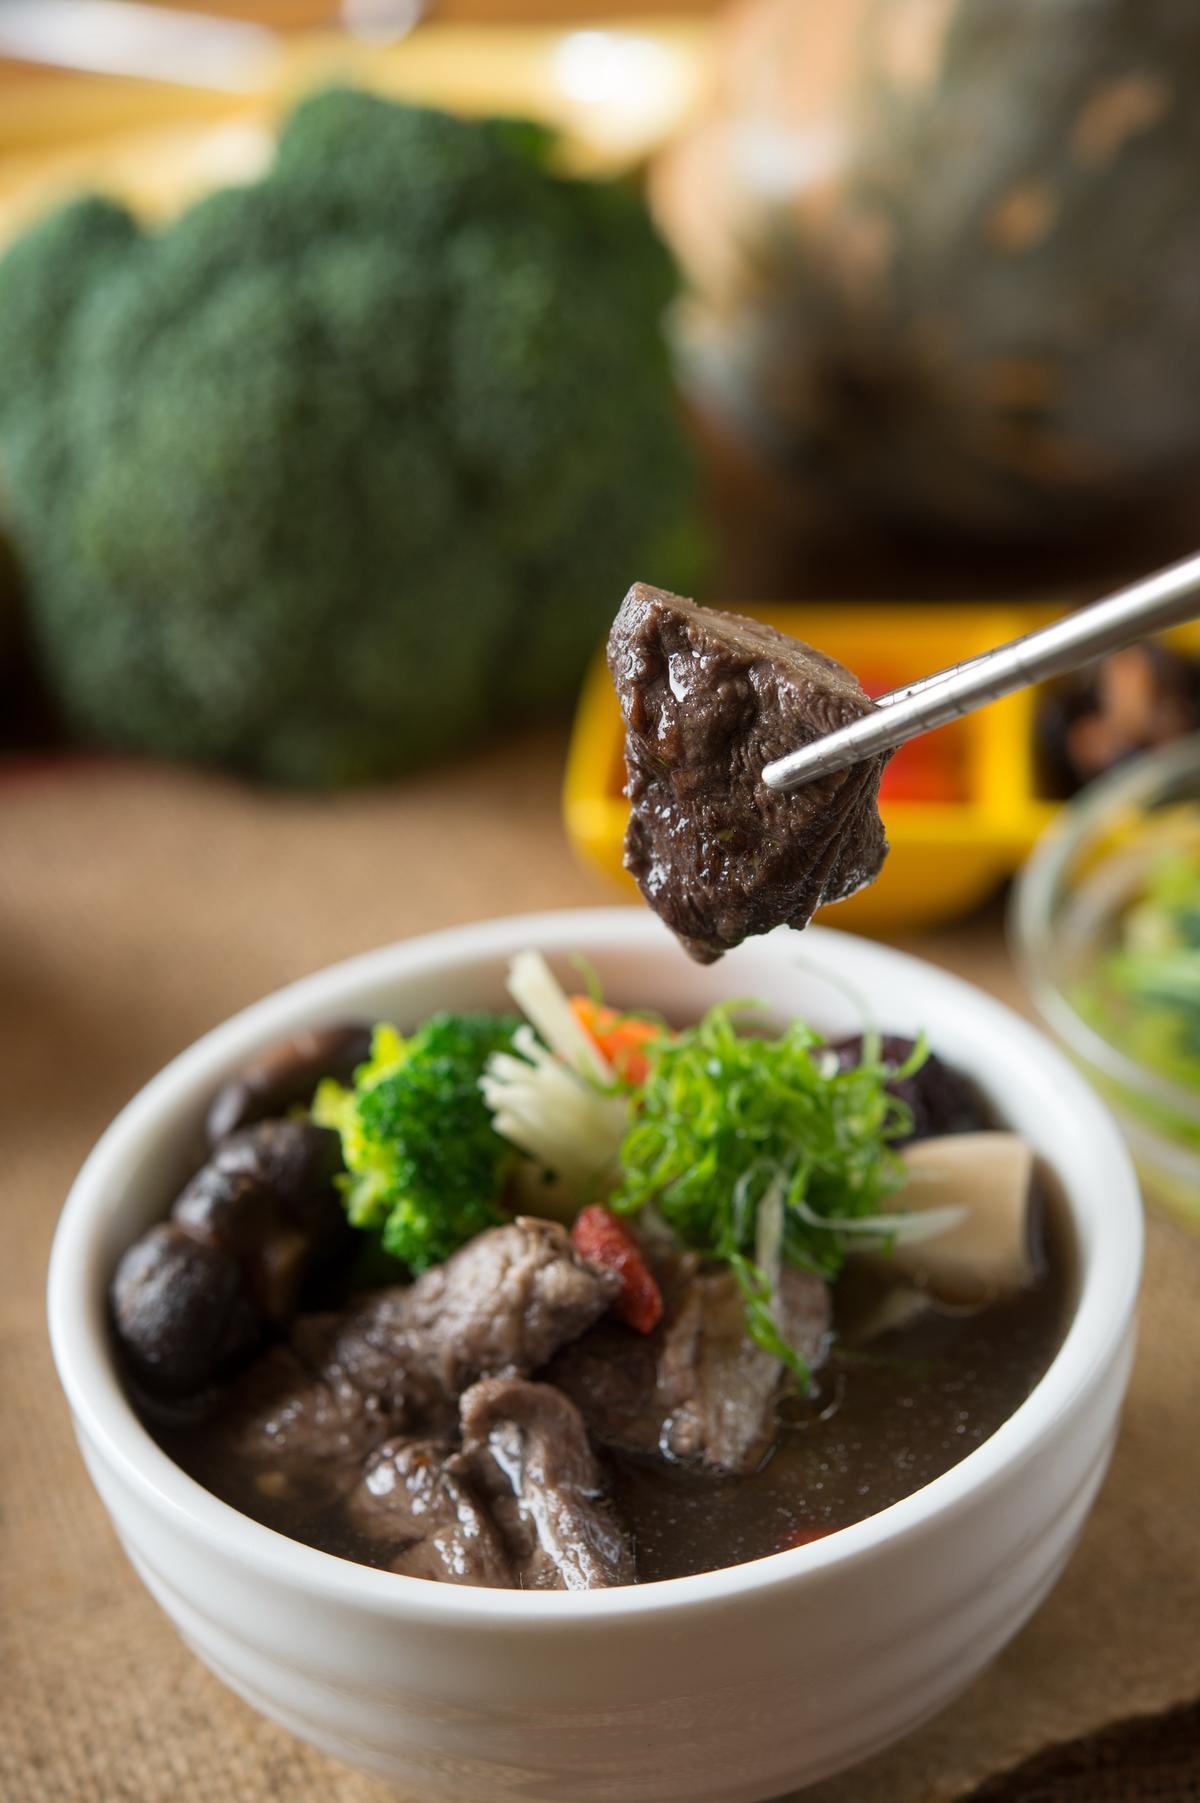 「黑豆仔冬菇牛肋燉湯」選用韓國花菇及有機黑豆、枸杞,牛肋軟嫩,溫和清淡。(189元/份)